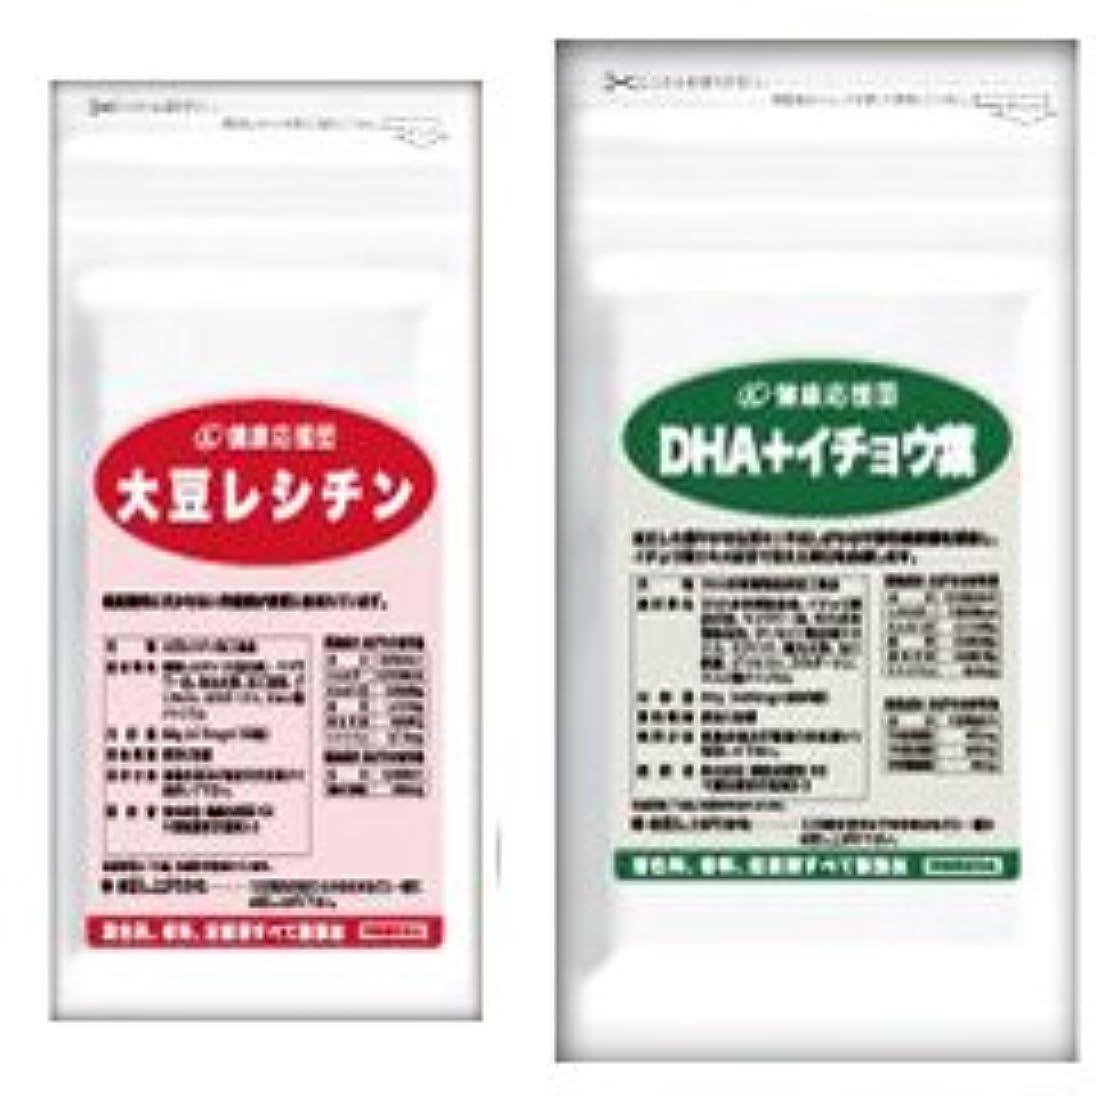 バレエ昨日鋼(お徳用3か月分)流れサラサラセット 大豆レシチン+(DHA+イチョウ葉)3袋&3袋セット(DHA?EPA?イチョウ葉)